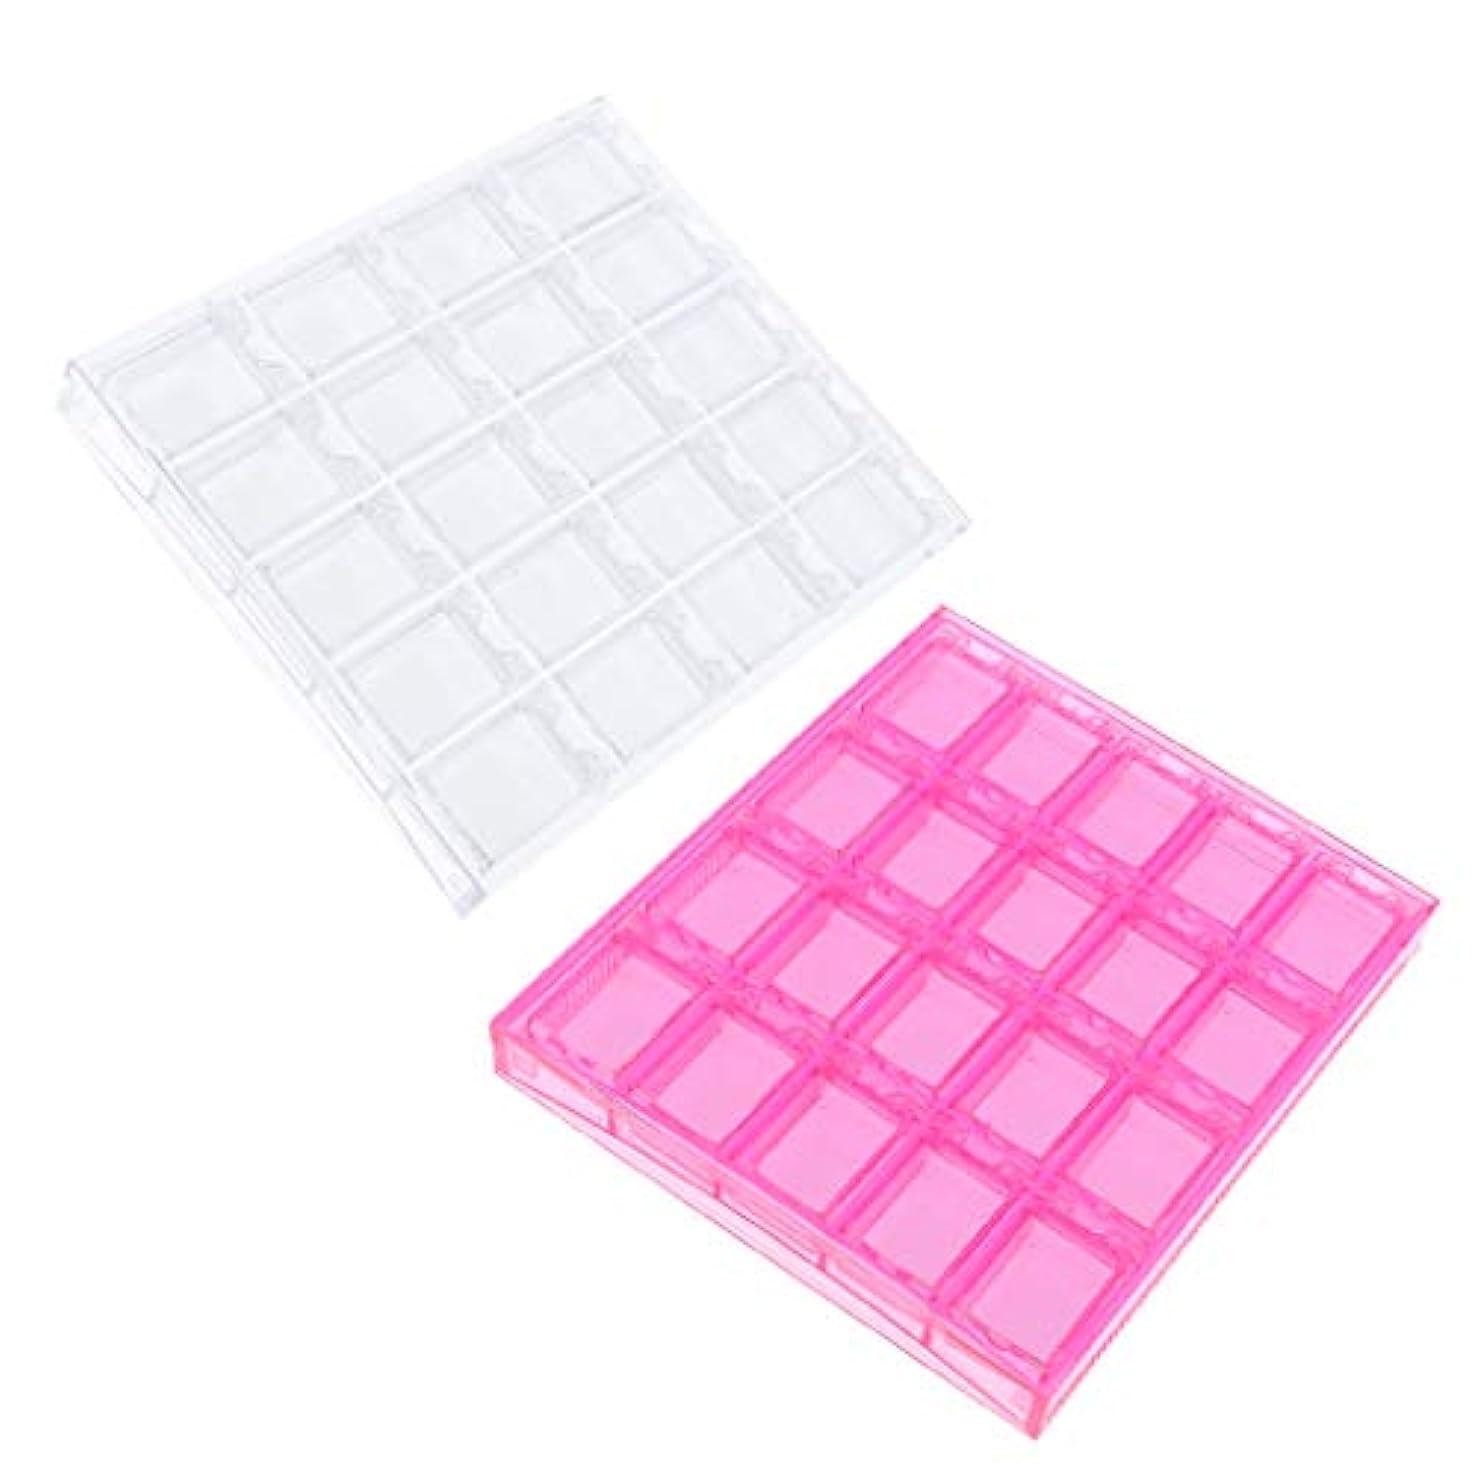 確立しますリングパーチナシティToygogo プラスチックネイルアートツールストレージケースジュエリーオーガナイザーコンテナークリア+ピンクと20の調整可能なグリッド